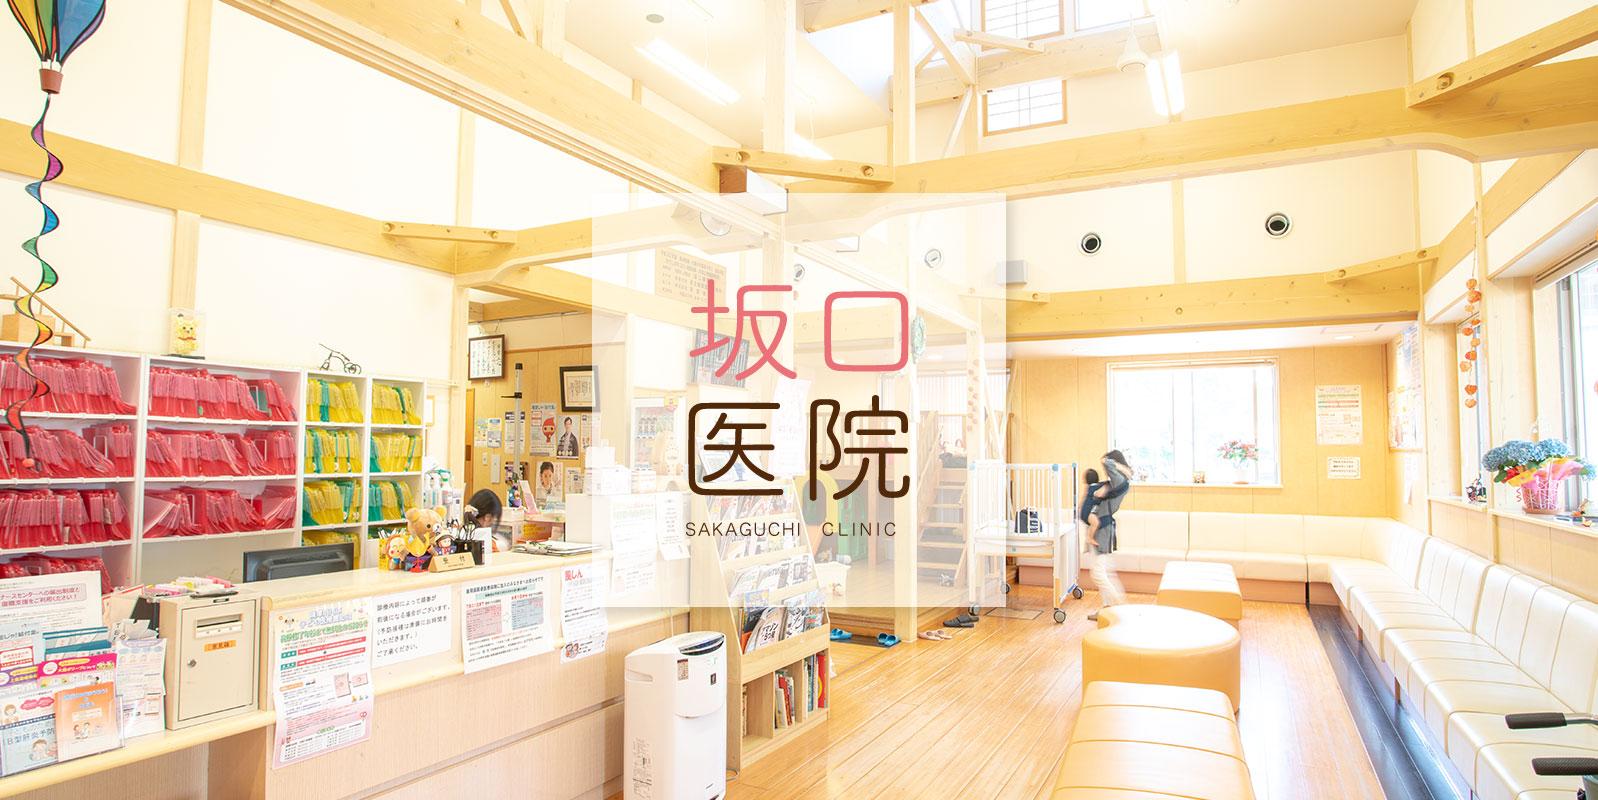 医療法人 育生会 坂口病院 ホームページ